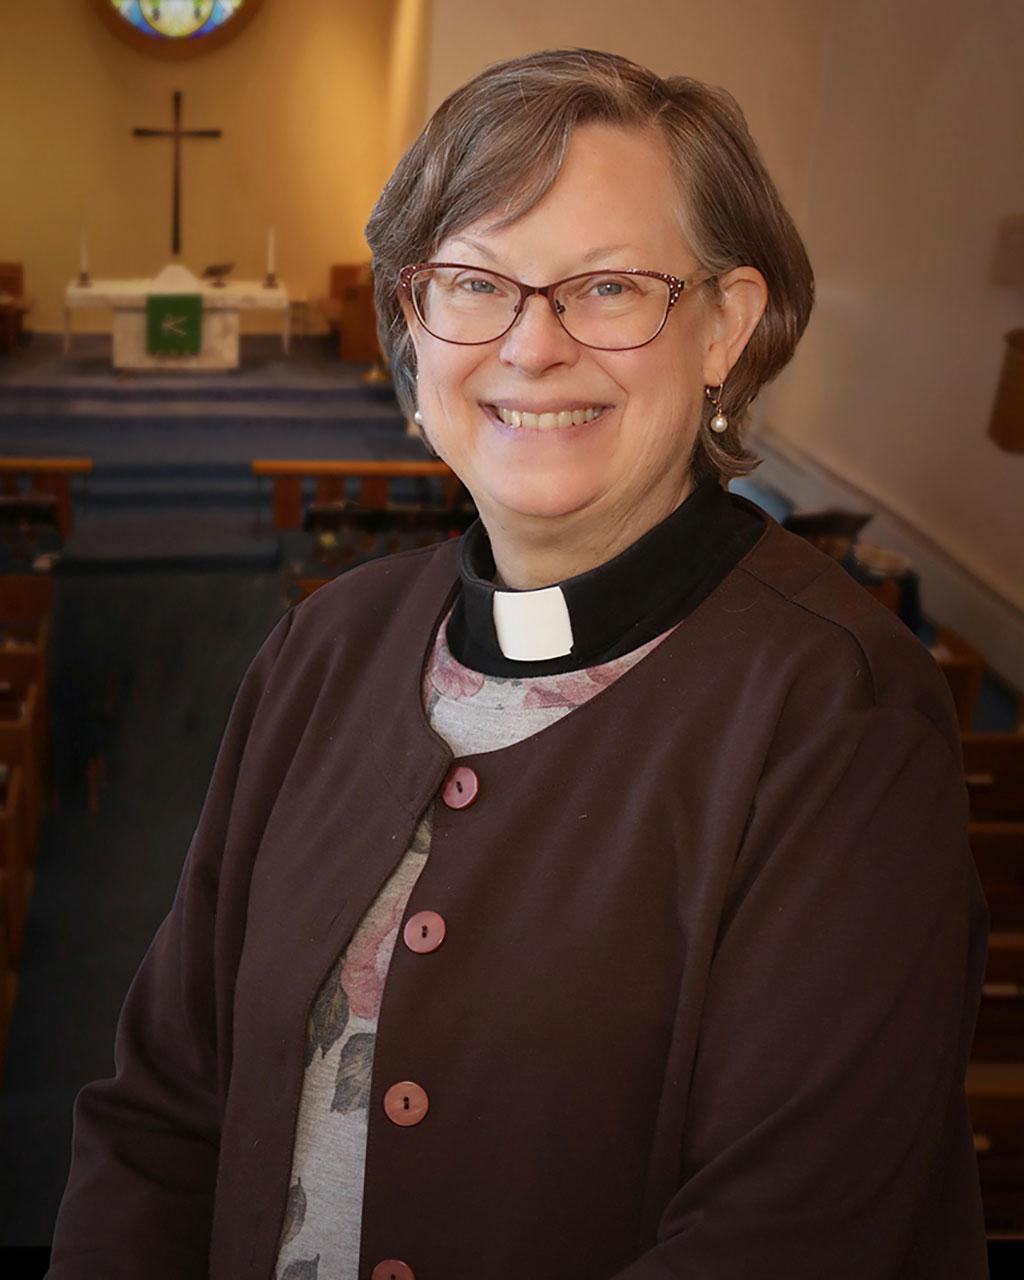 Rev. Julie Grasham Osterhout, Pastor